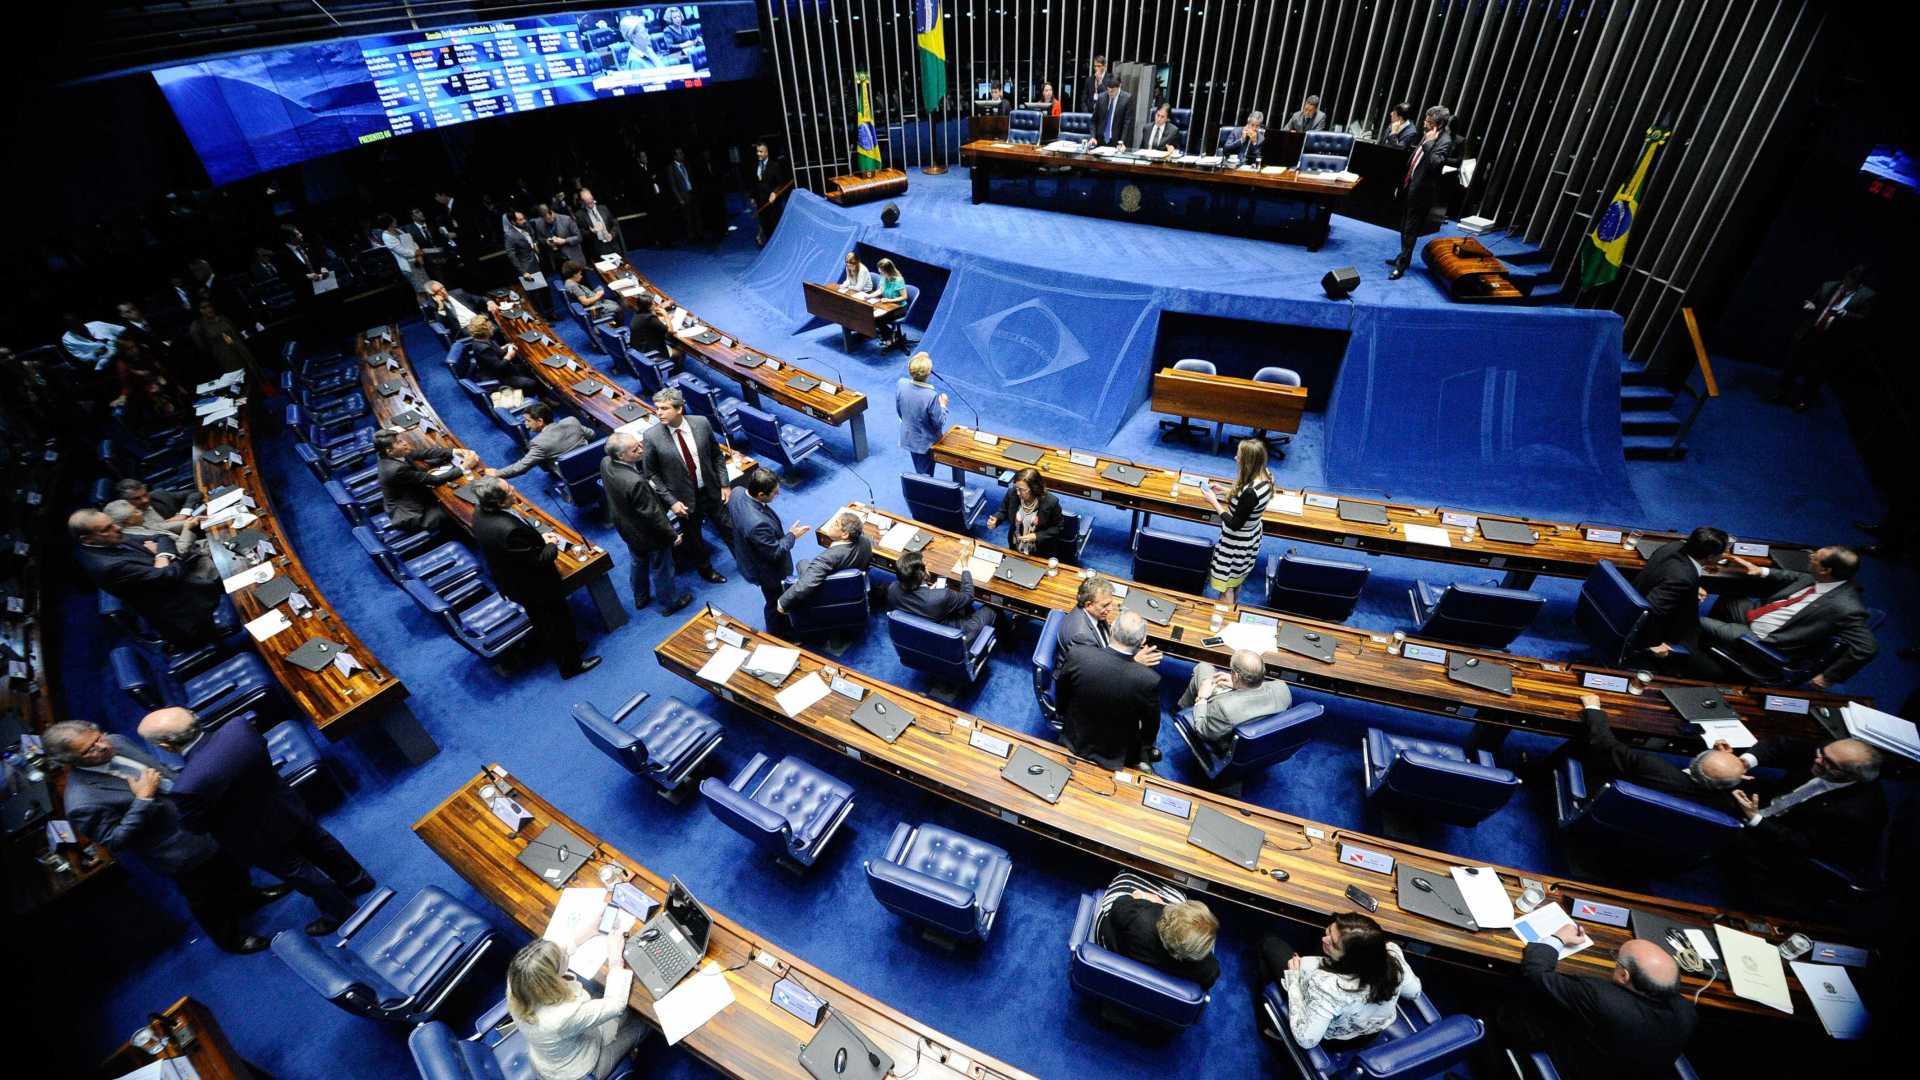 naom 5aa85632b9009 - Senado eleva pena de feminicídio se crime ocorrer na frente dos filhos